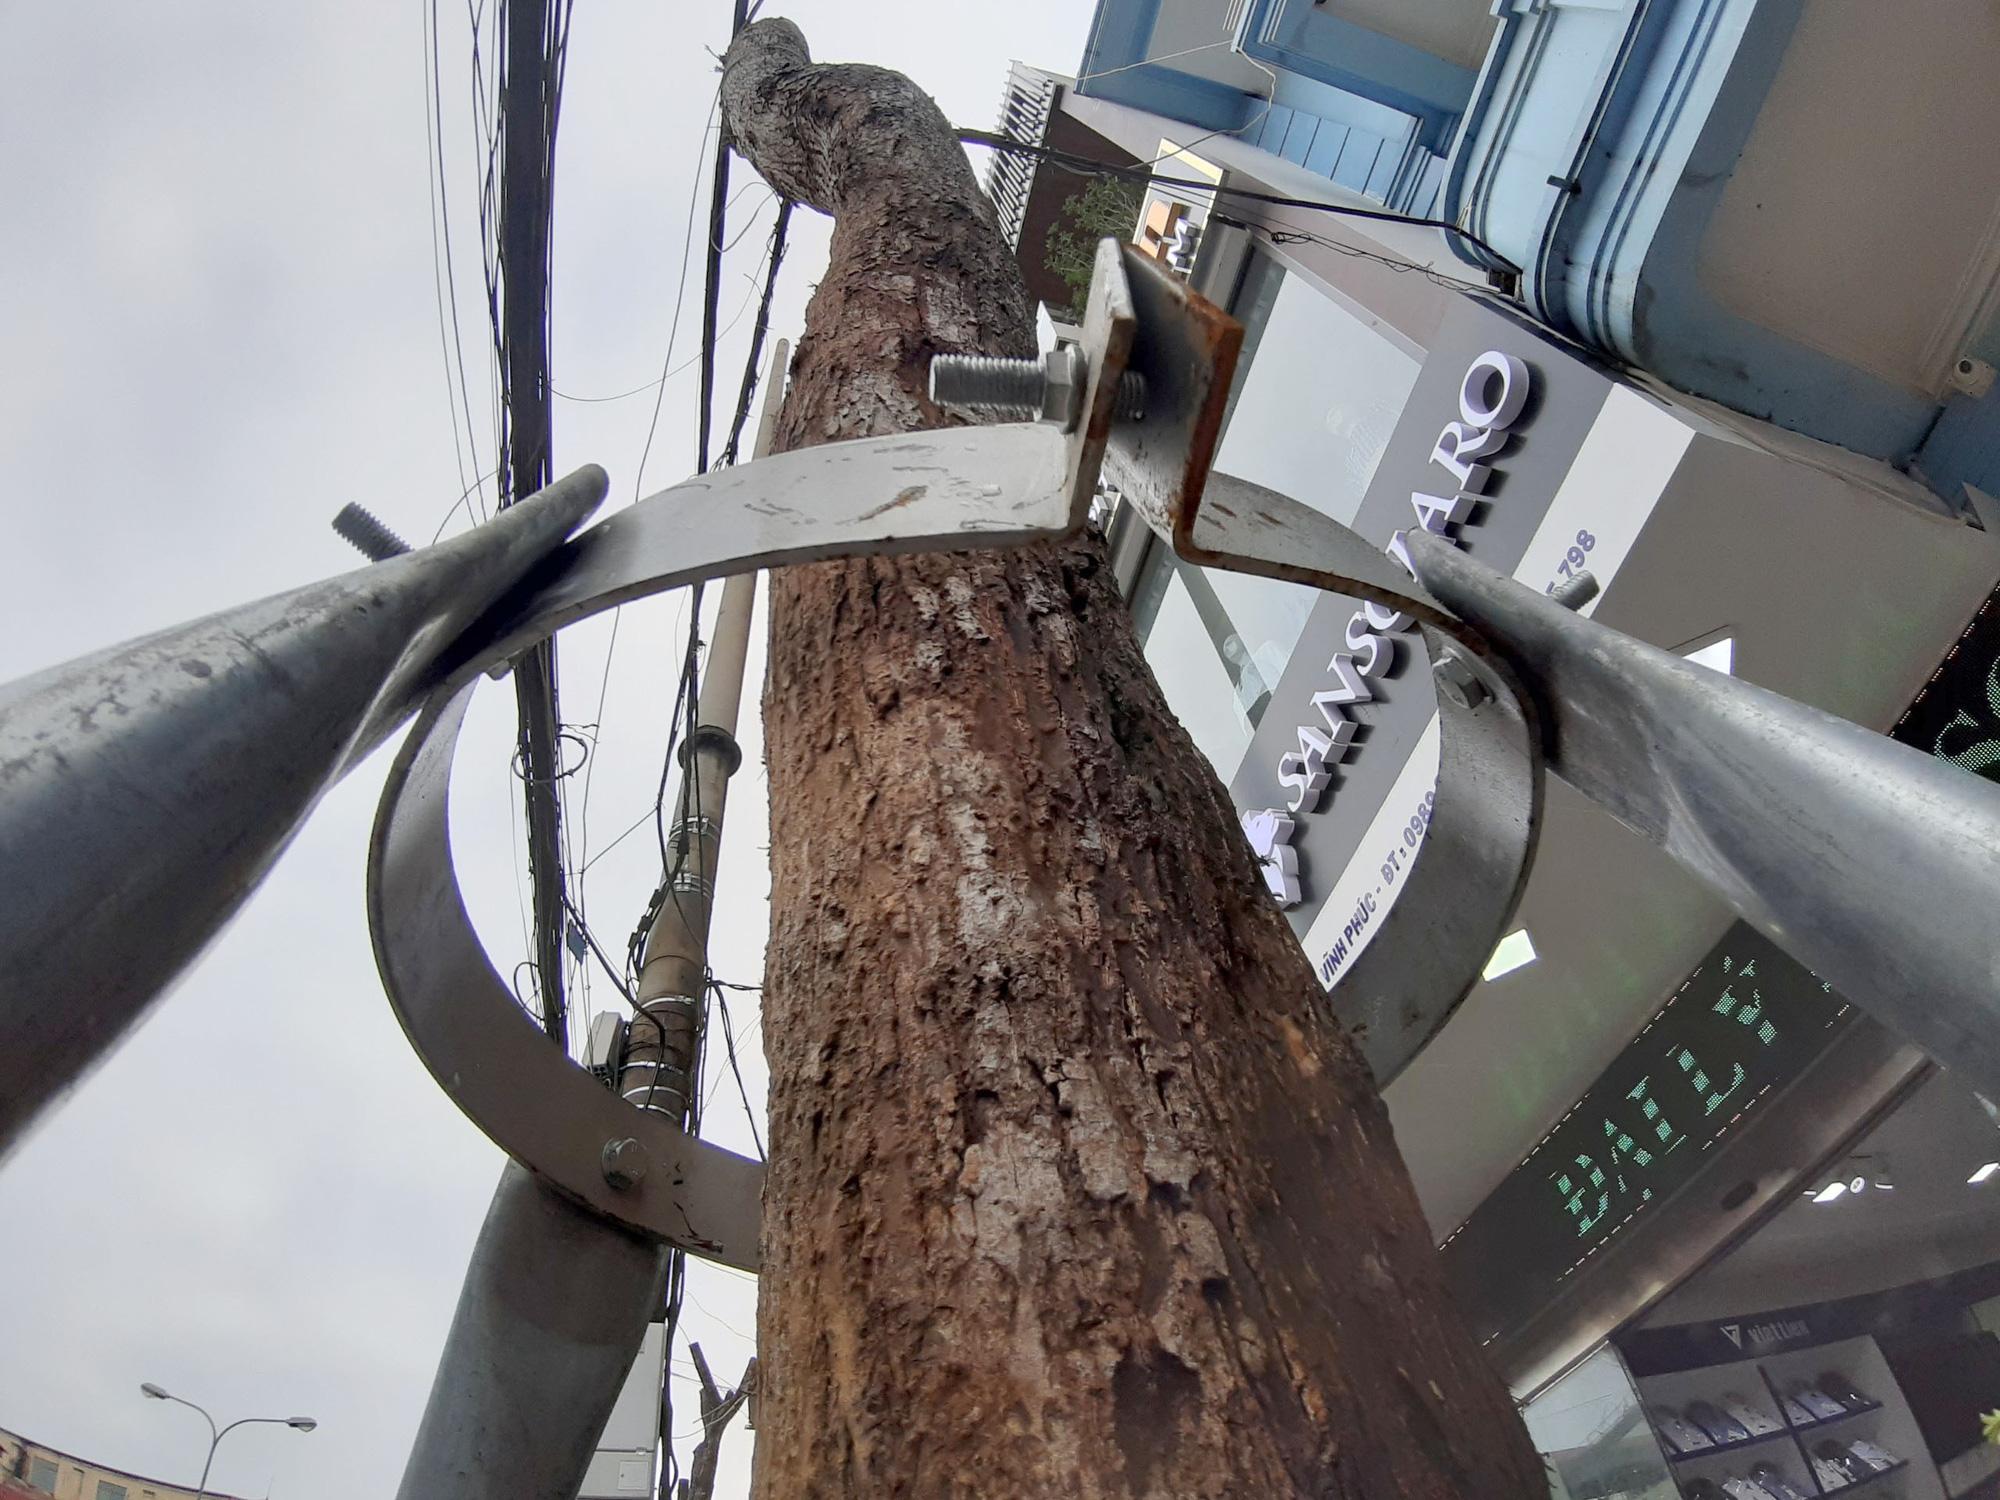 Vĩnh Phúc: La liệt cây xanh bị cụt ngọn, chết khô trên tuyến đường trung tâm thành phố - Ảnh 6.